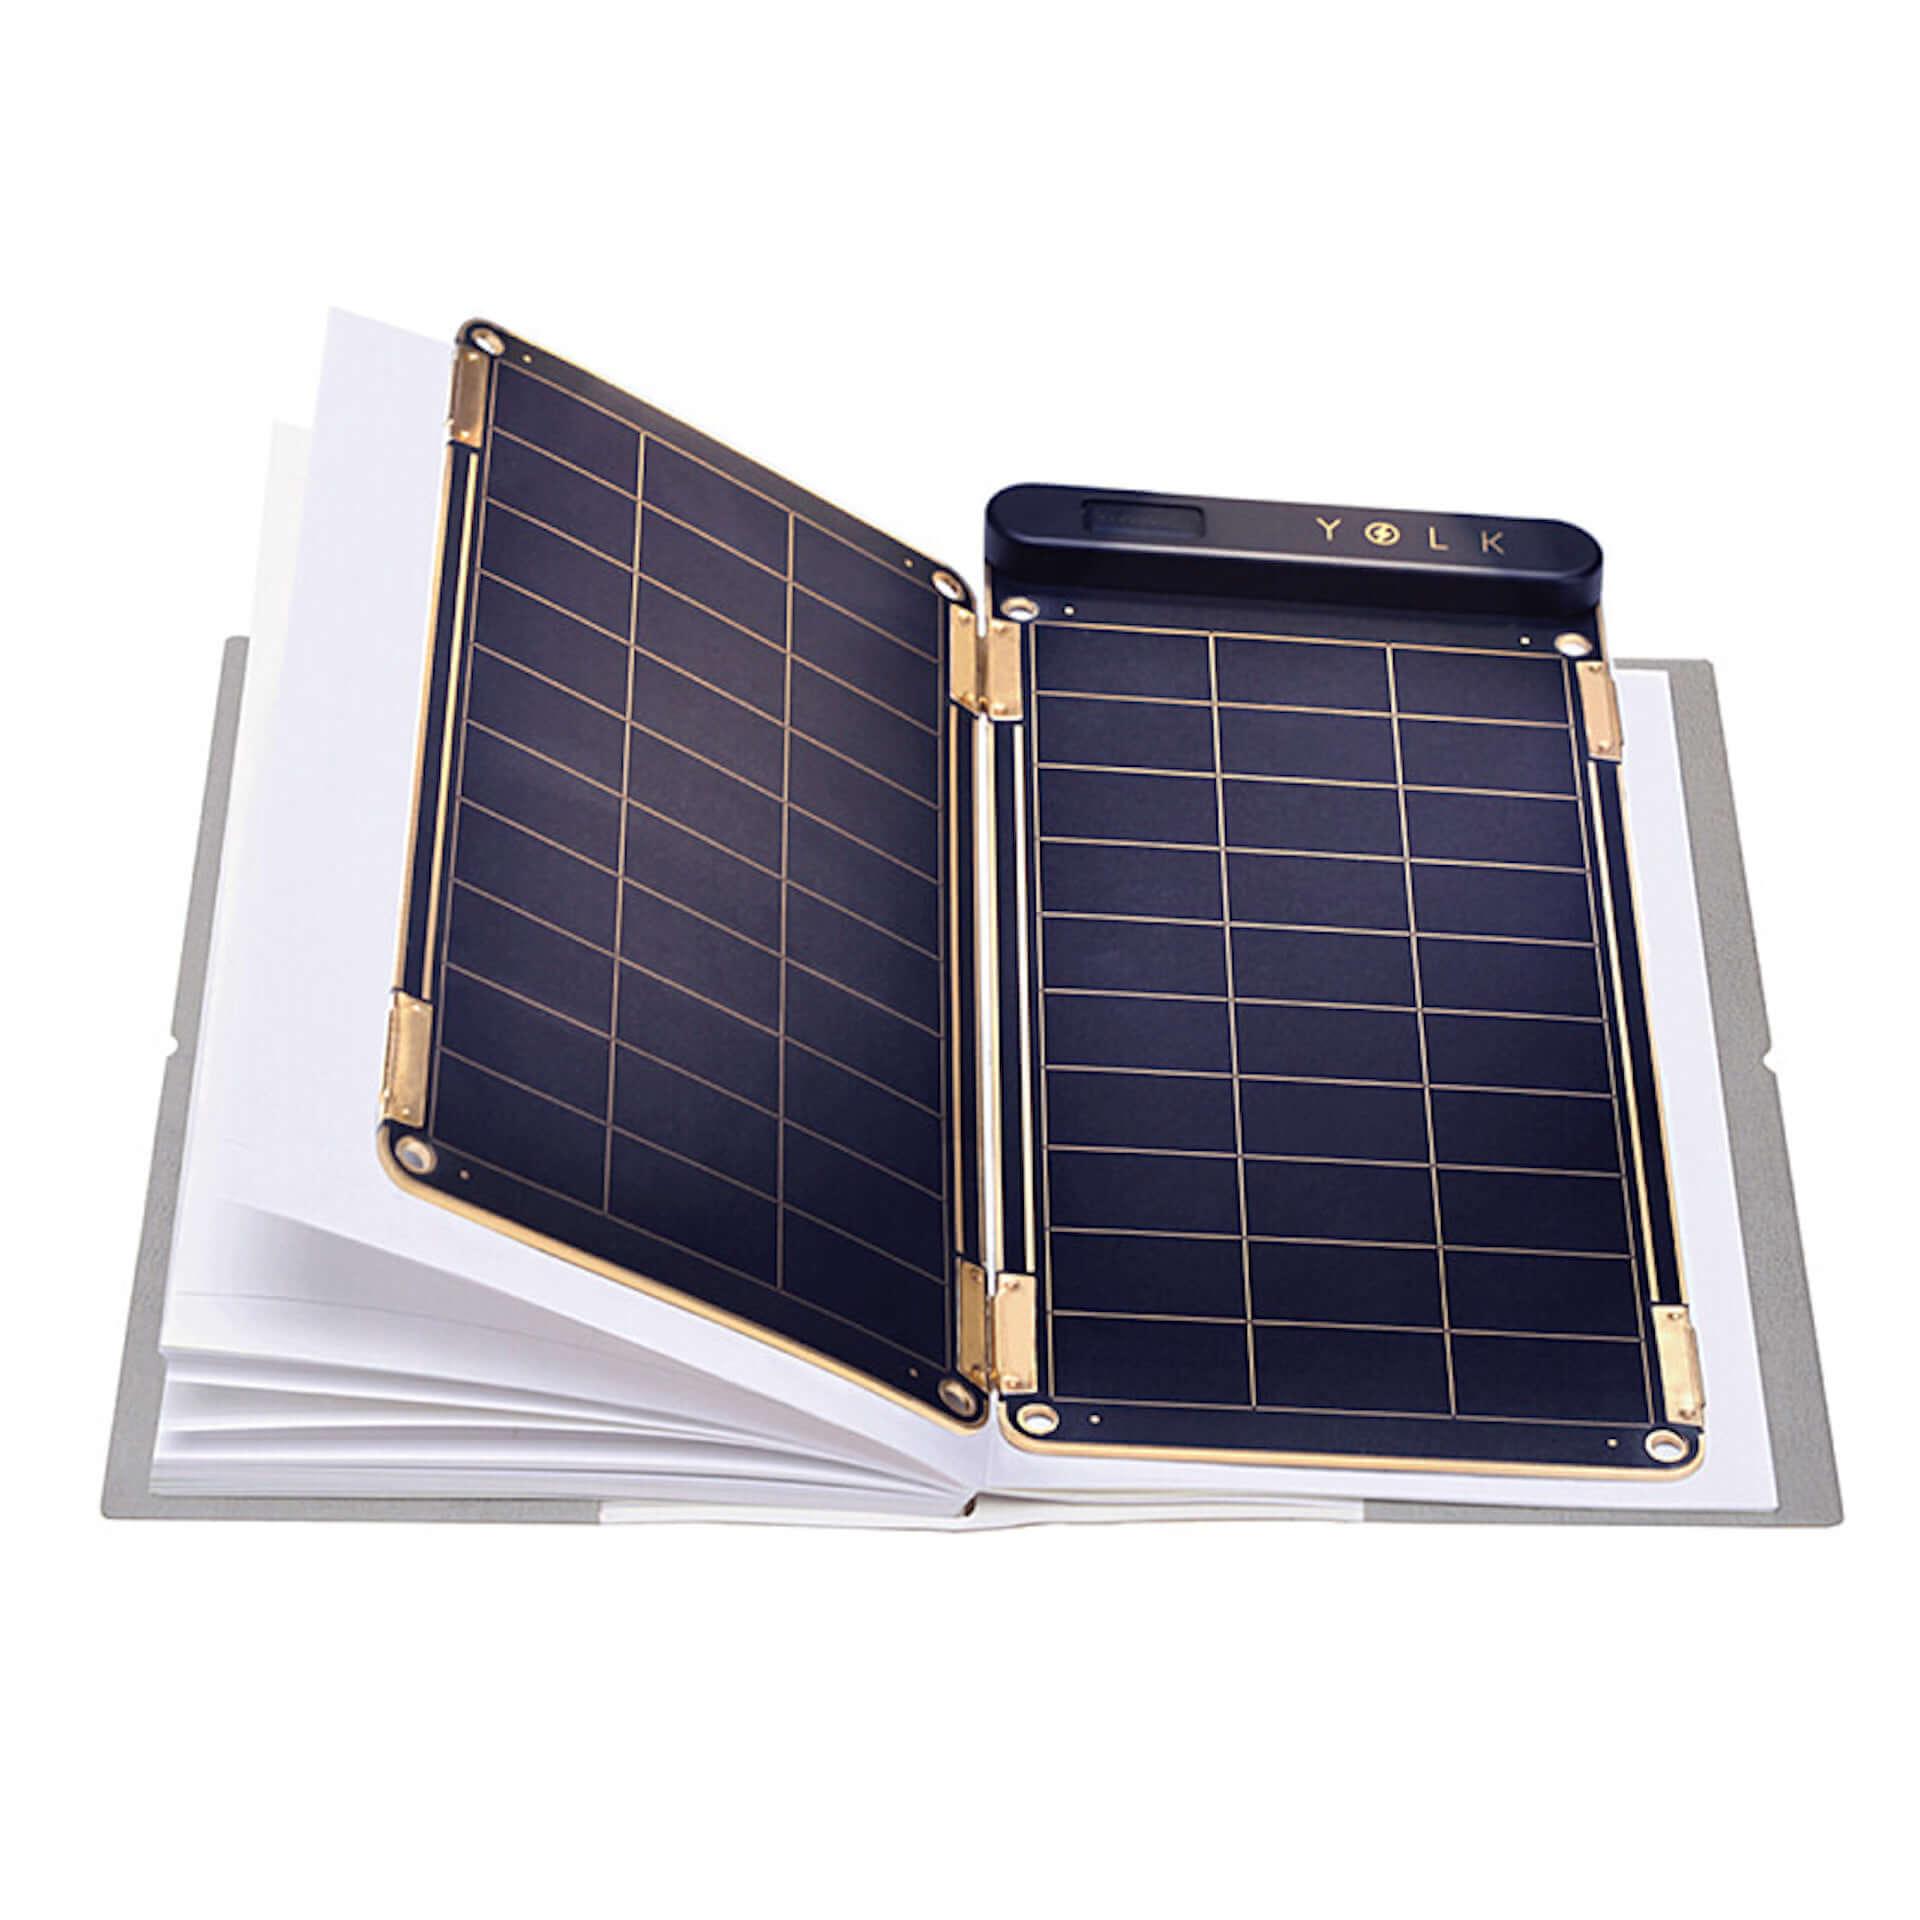 世界最薄・最軽量!家庭用コンセント同等の充電スピードを誇る、高性能ソーラーチャージャー「YOLK Solar Paper」が登場 technology190821yolk-solar-paper_2-1920x1920